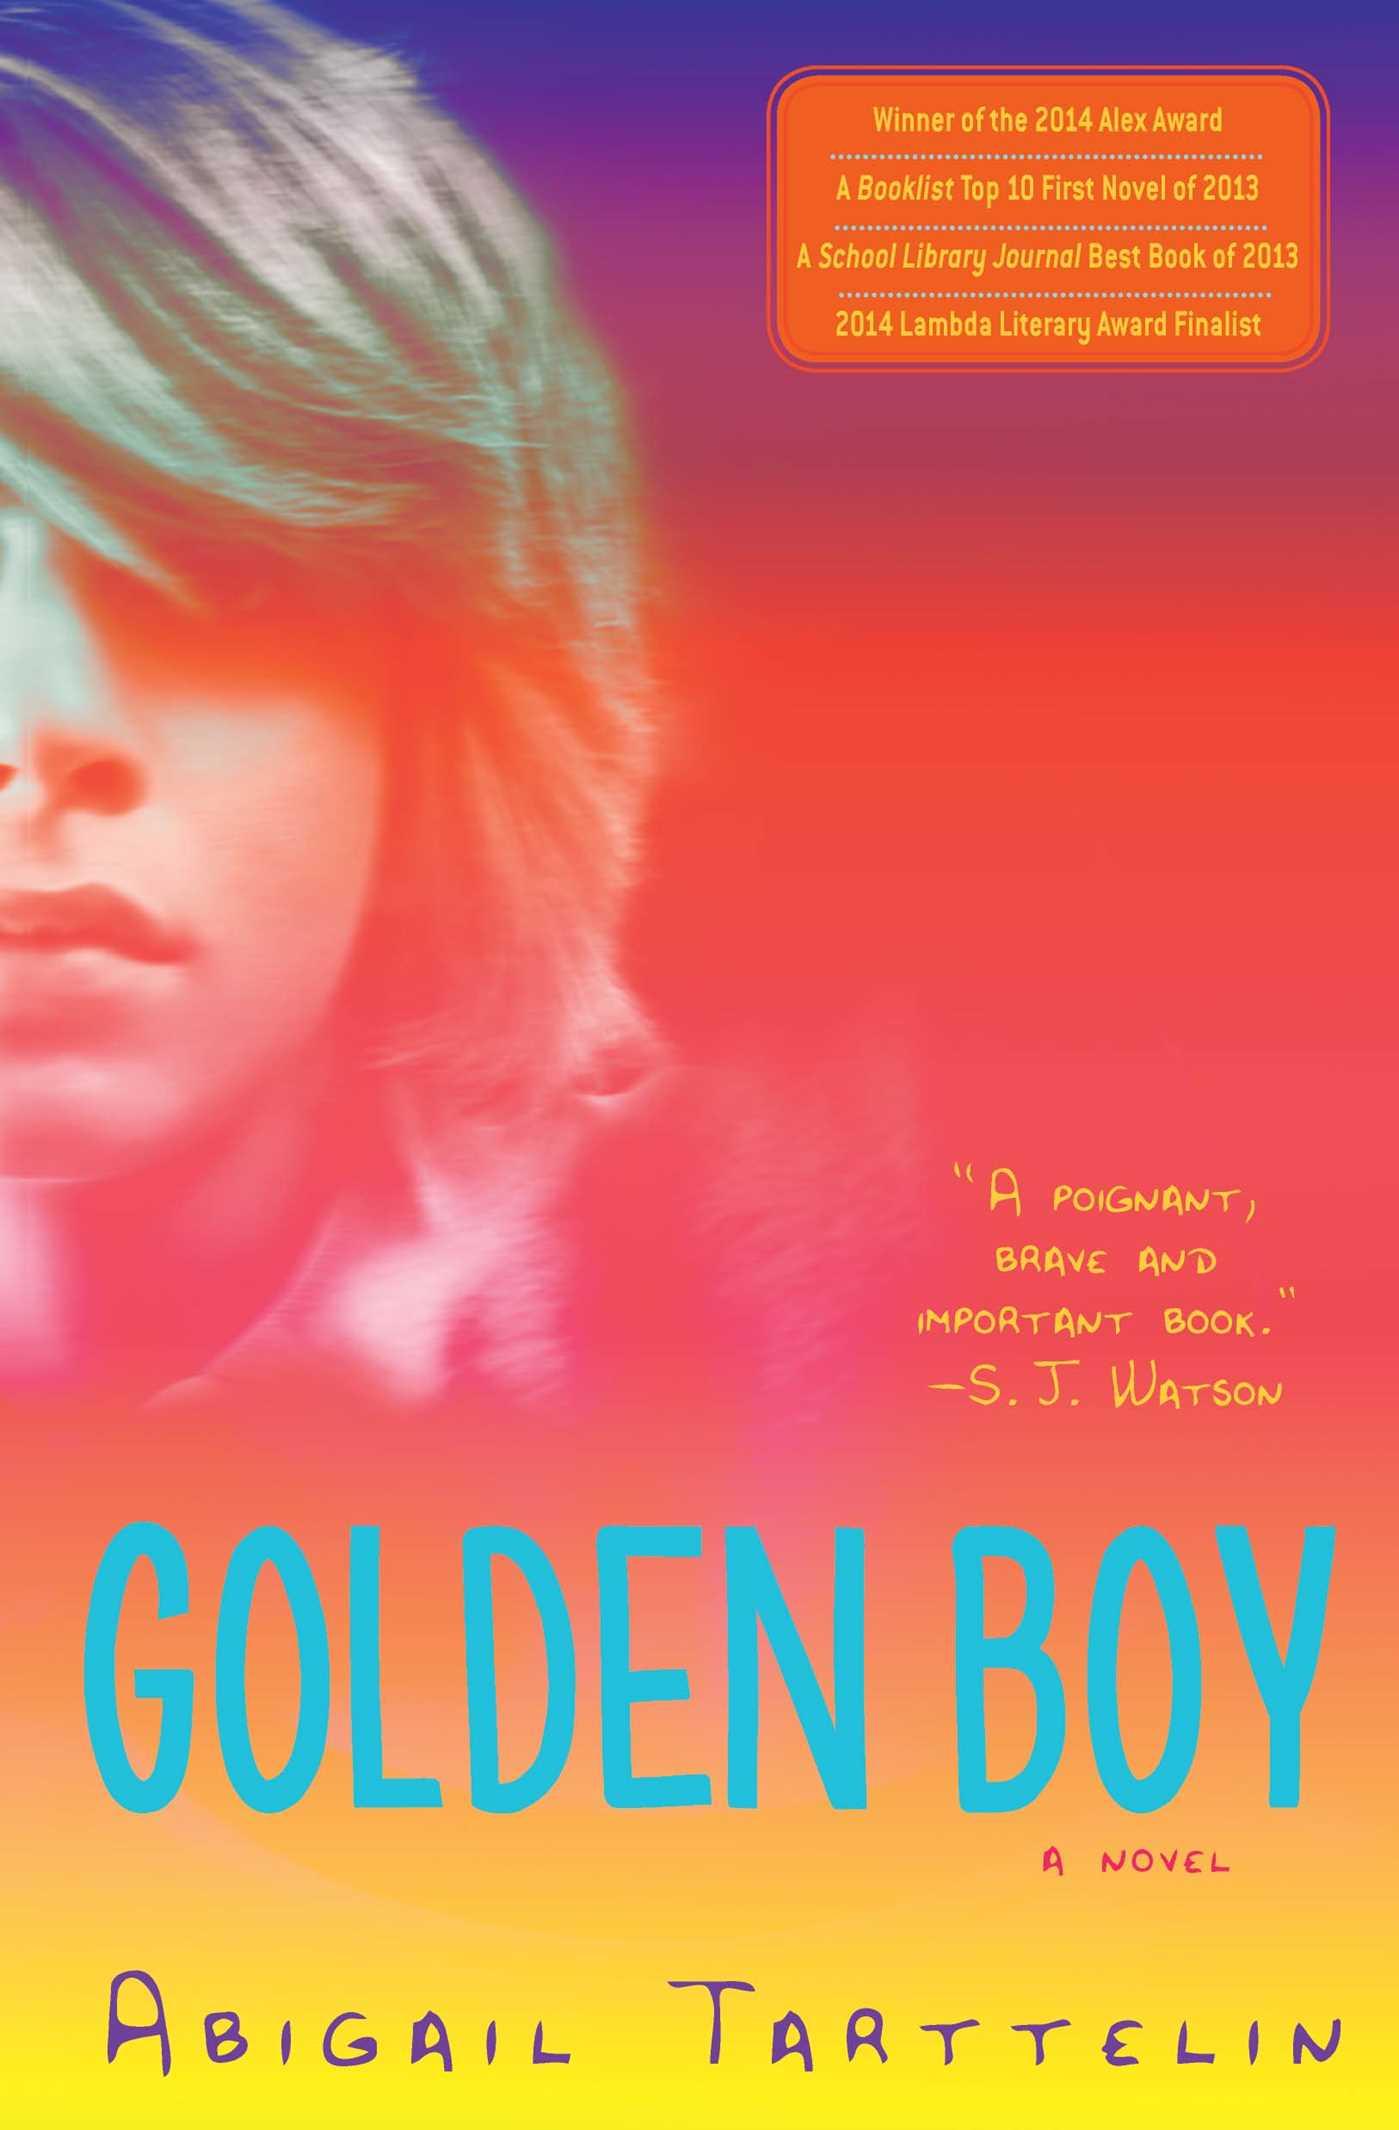 Golden boy 9781476705811 hr